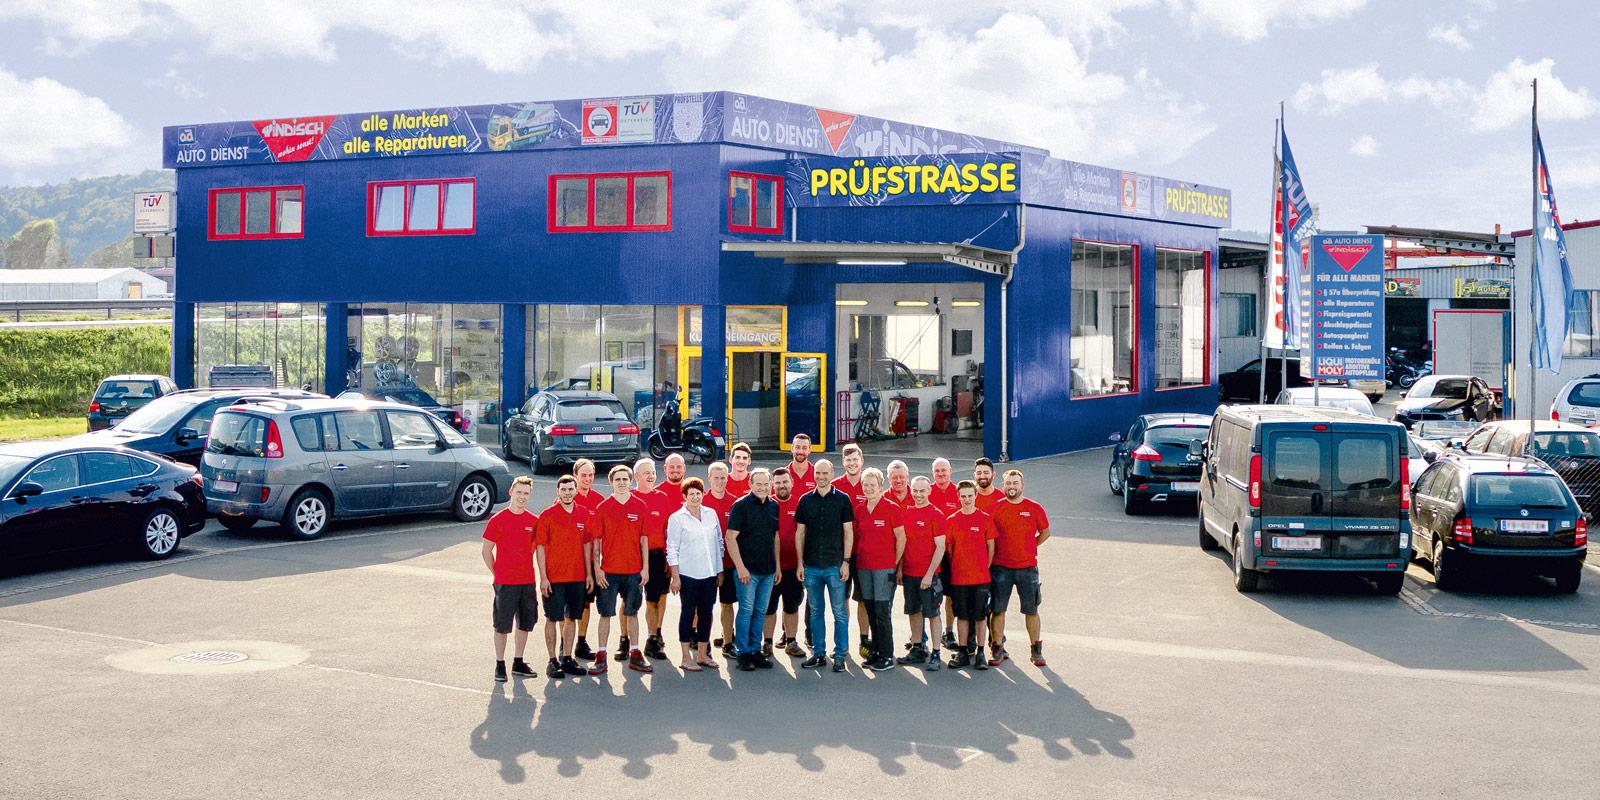 Autodienst Windisch Berndorf Team vor dem Gebäude